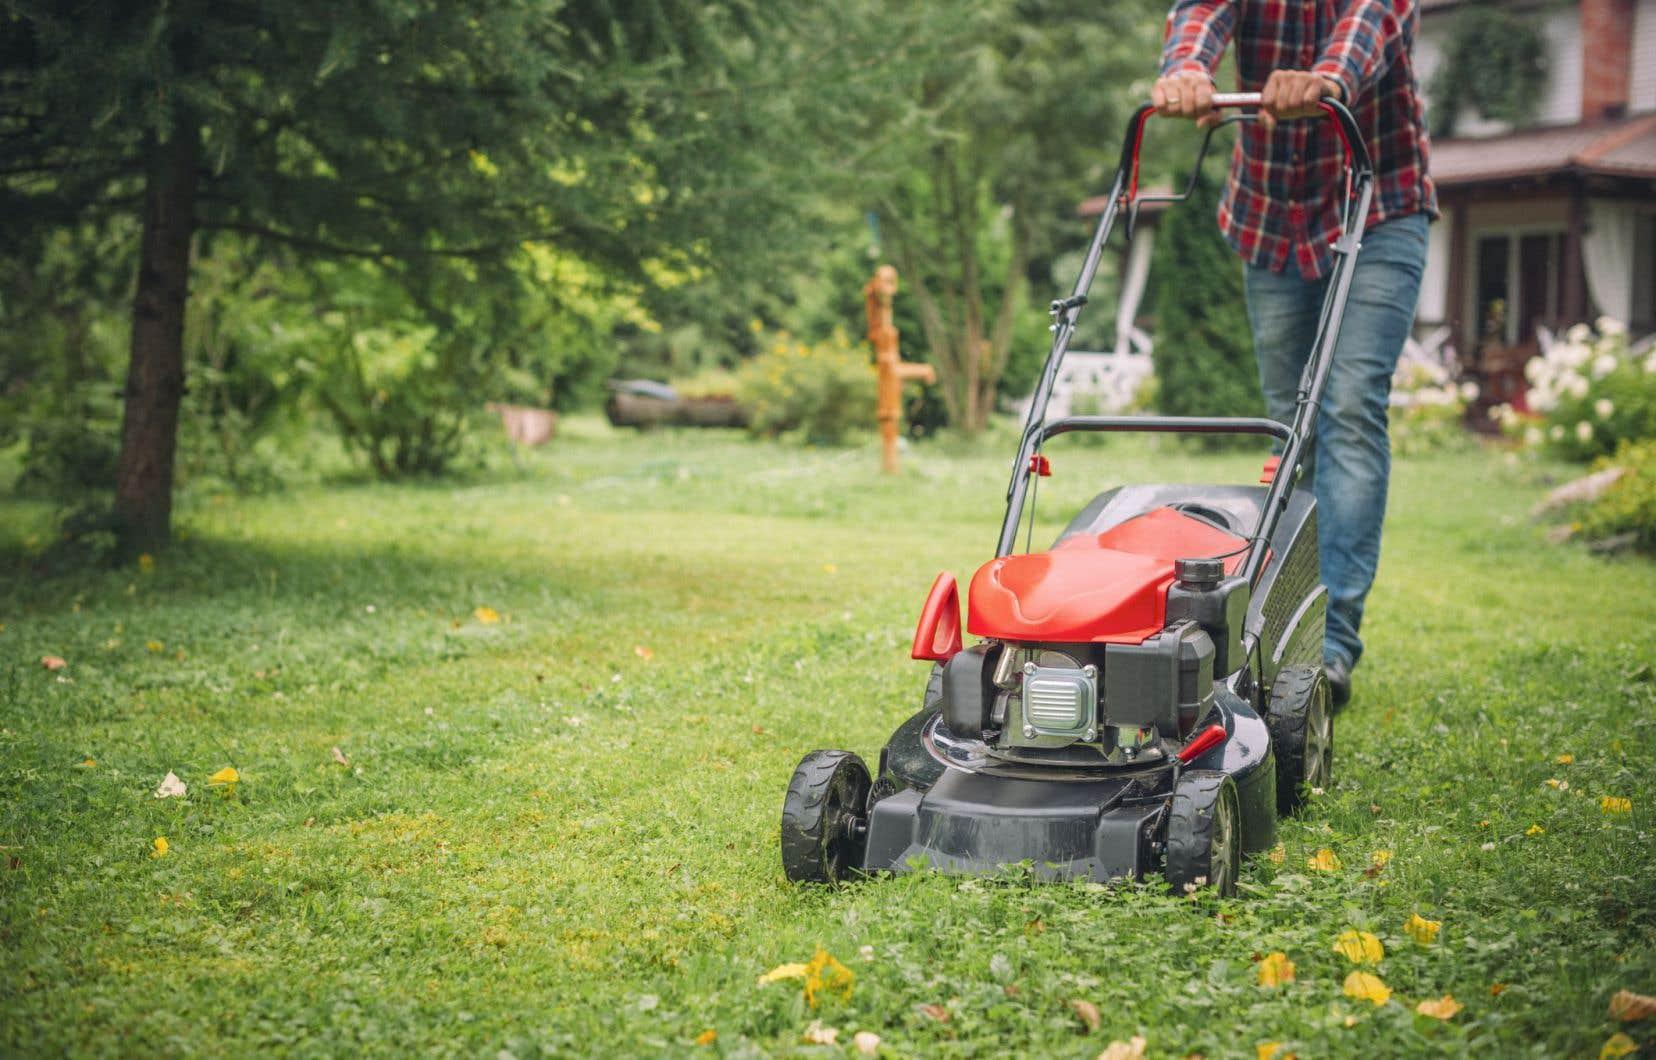 Sur les pelouses trop tondues, la diversité des invertébrés et des plantes diminue, tandis que les mauvaises herbes et les parasites prolifèrent.